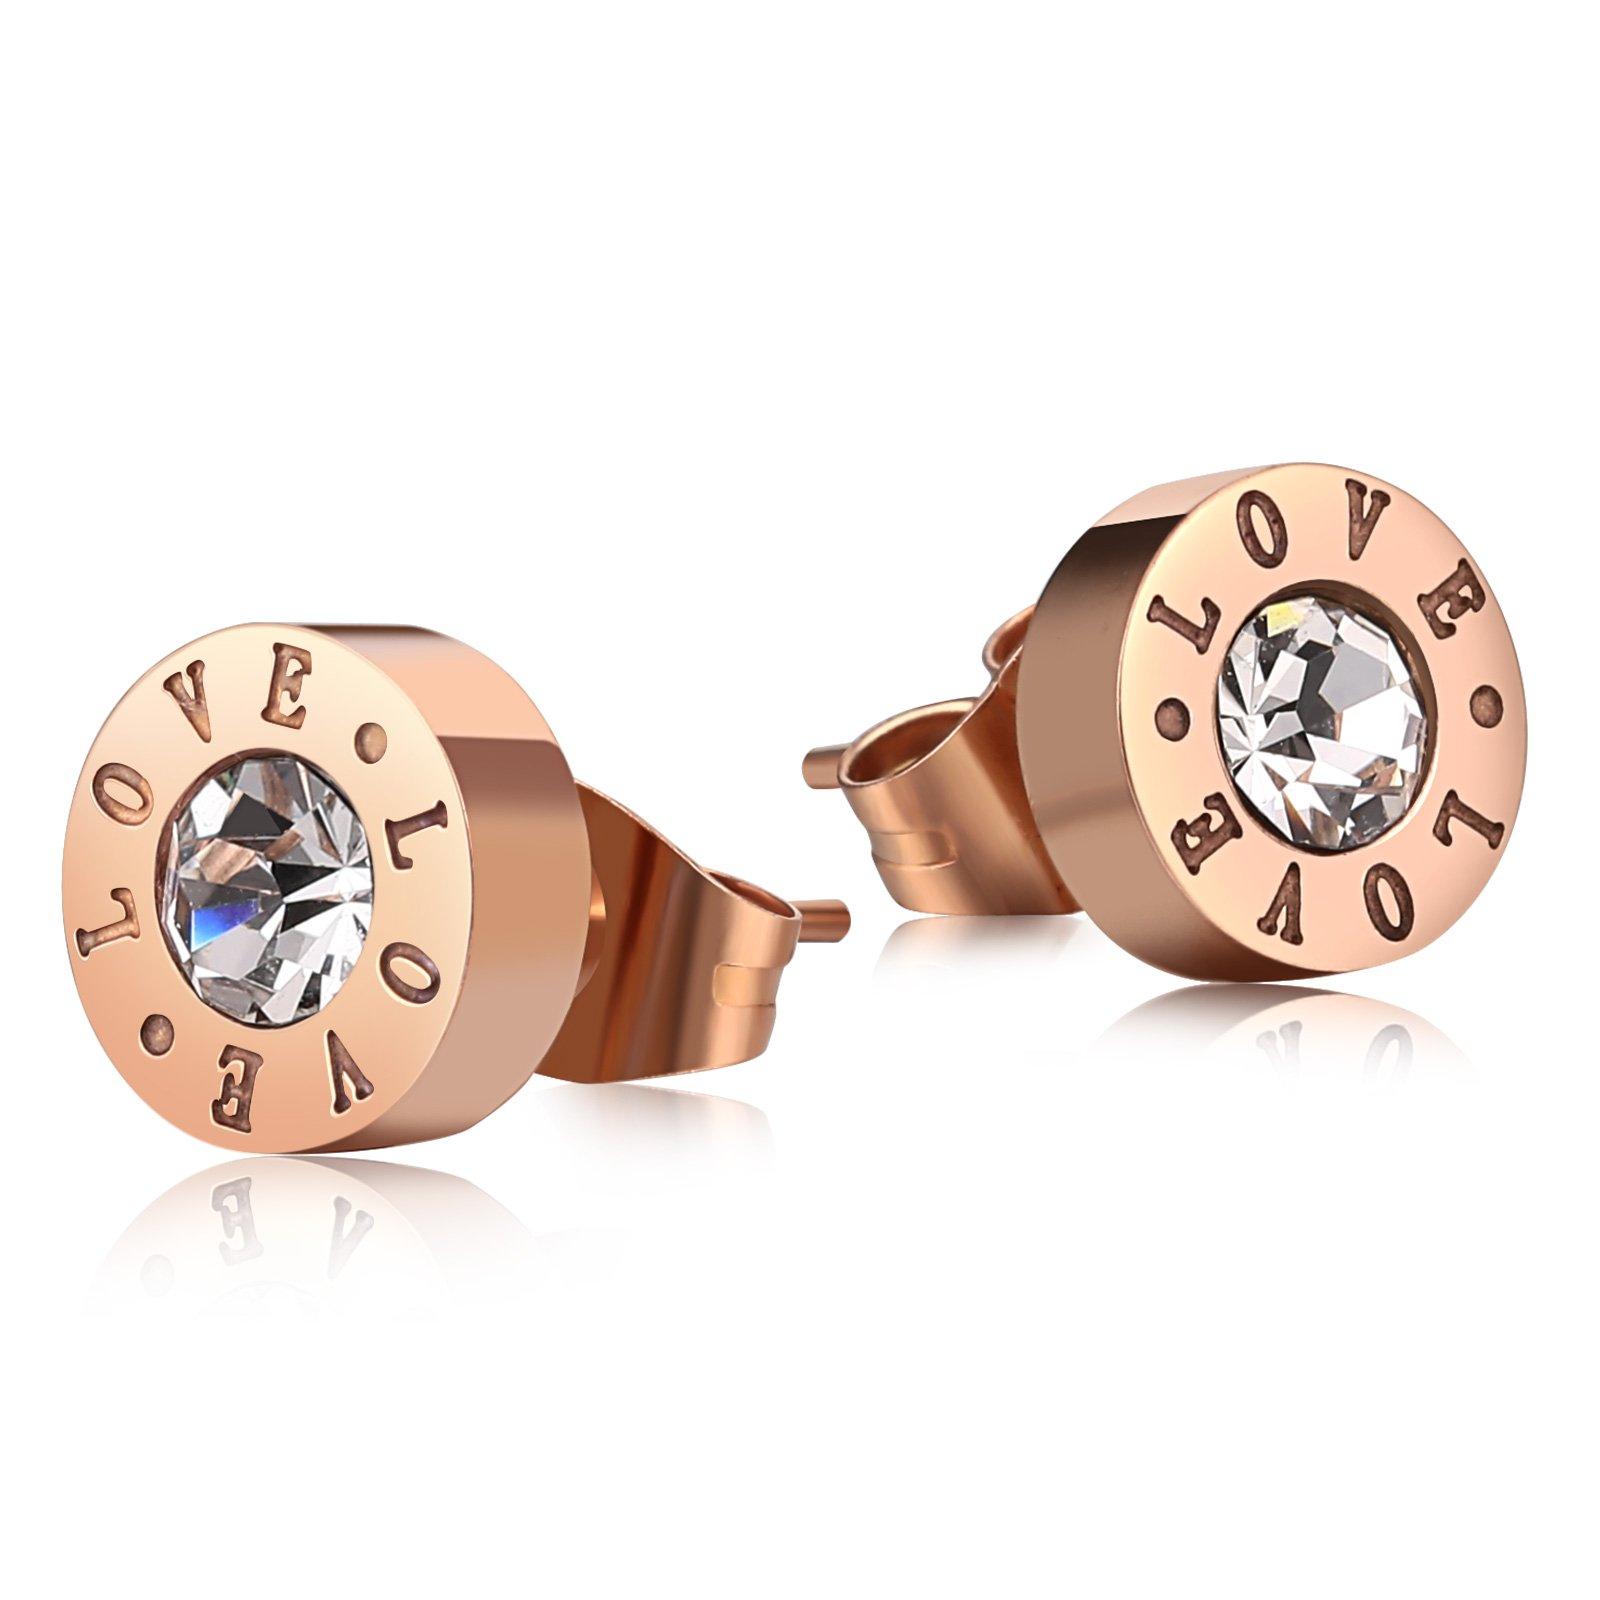 MoAndy CZ Stud Earrings for Women Stainless Steel Engraved LOVE AAA Zircon Round Earrings Rose Gold